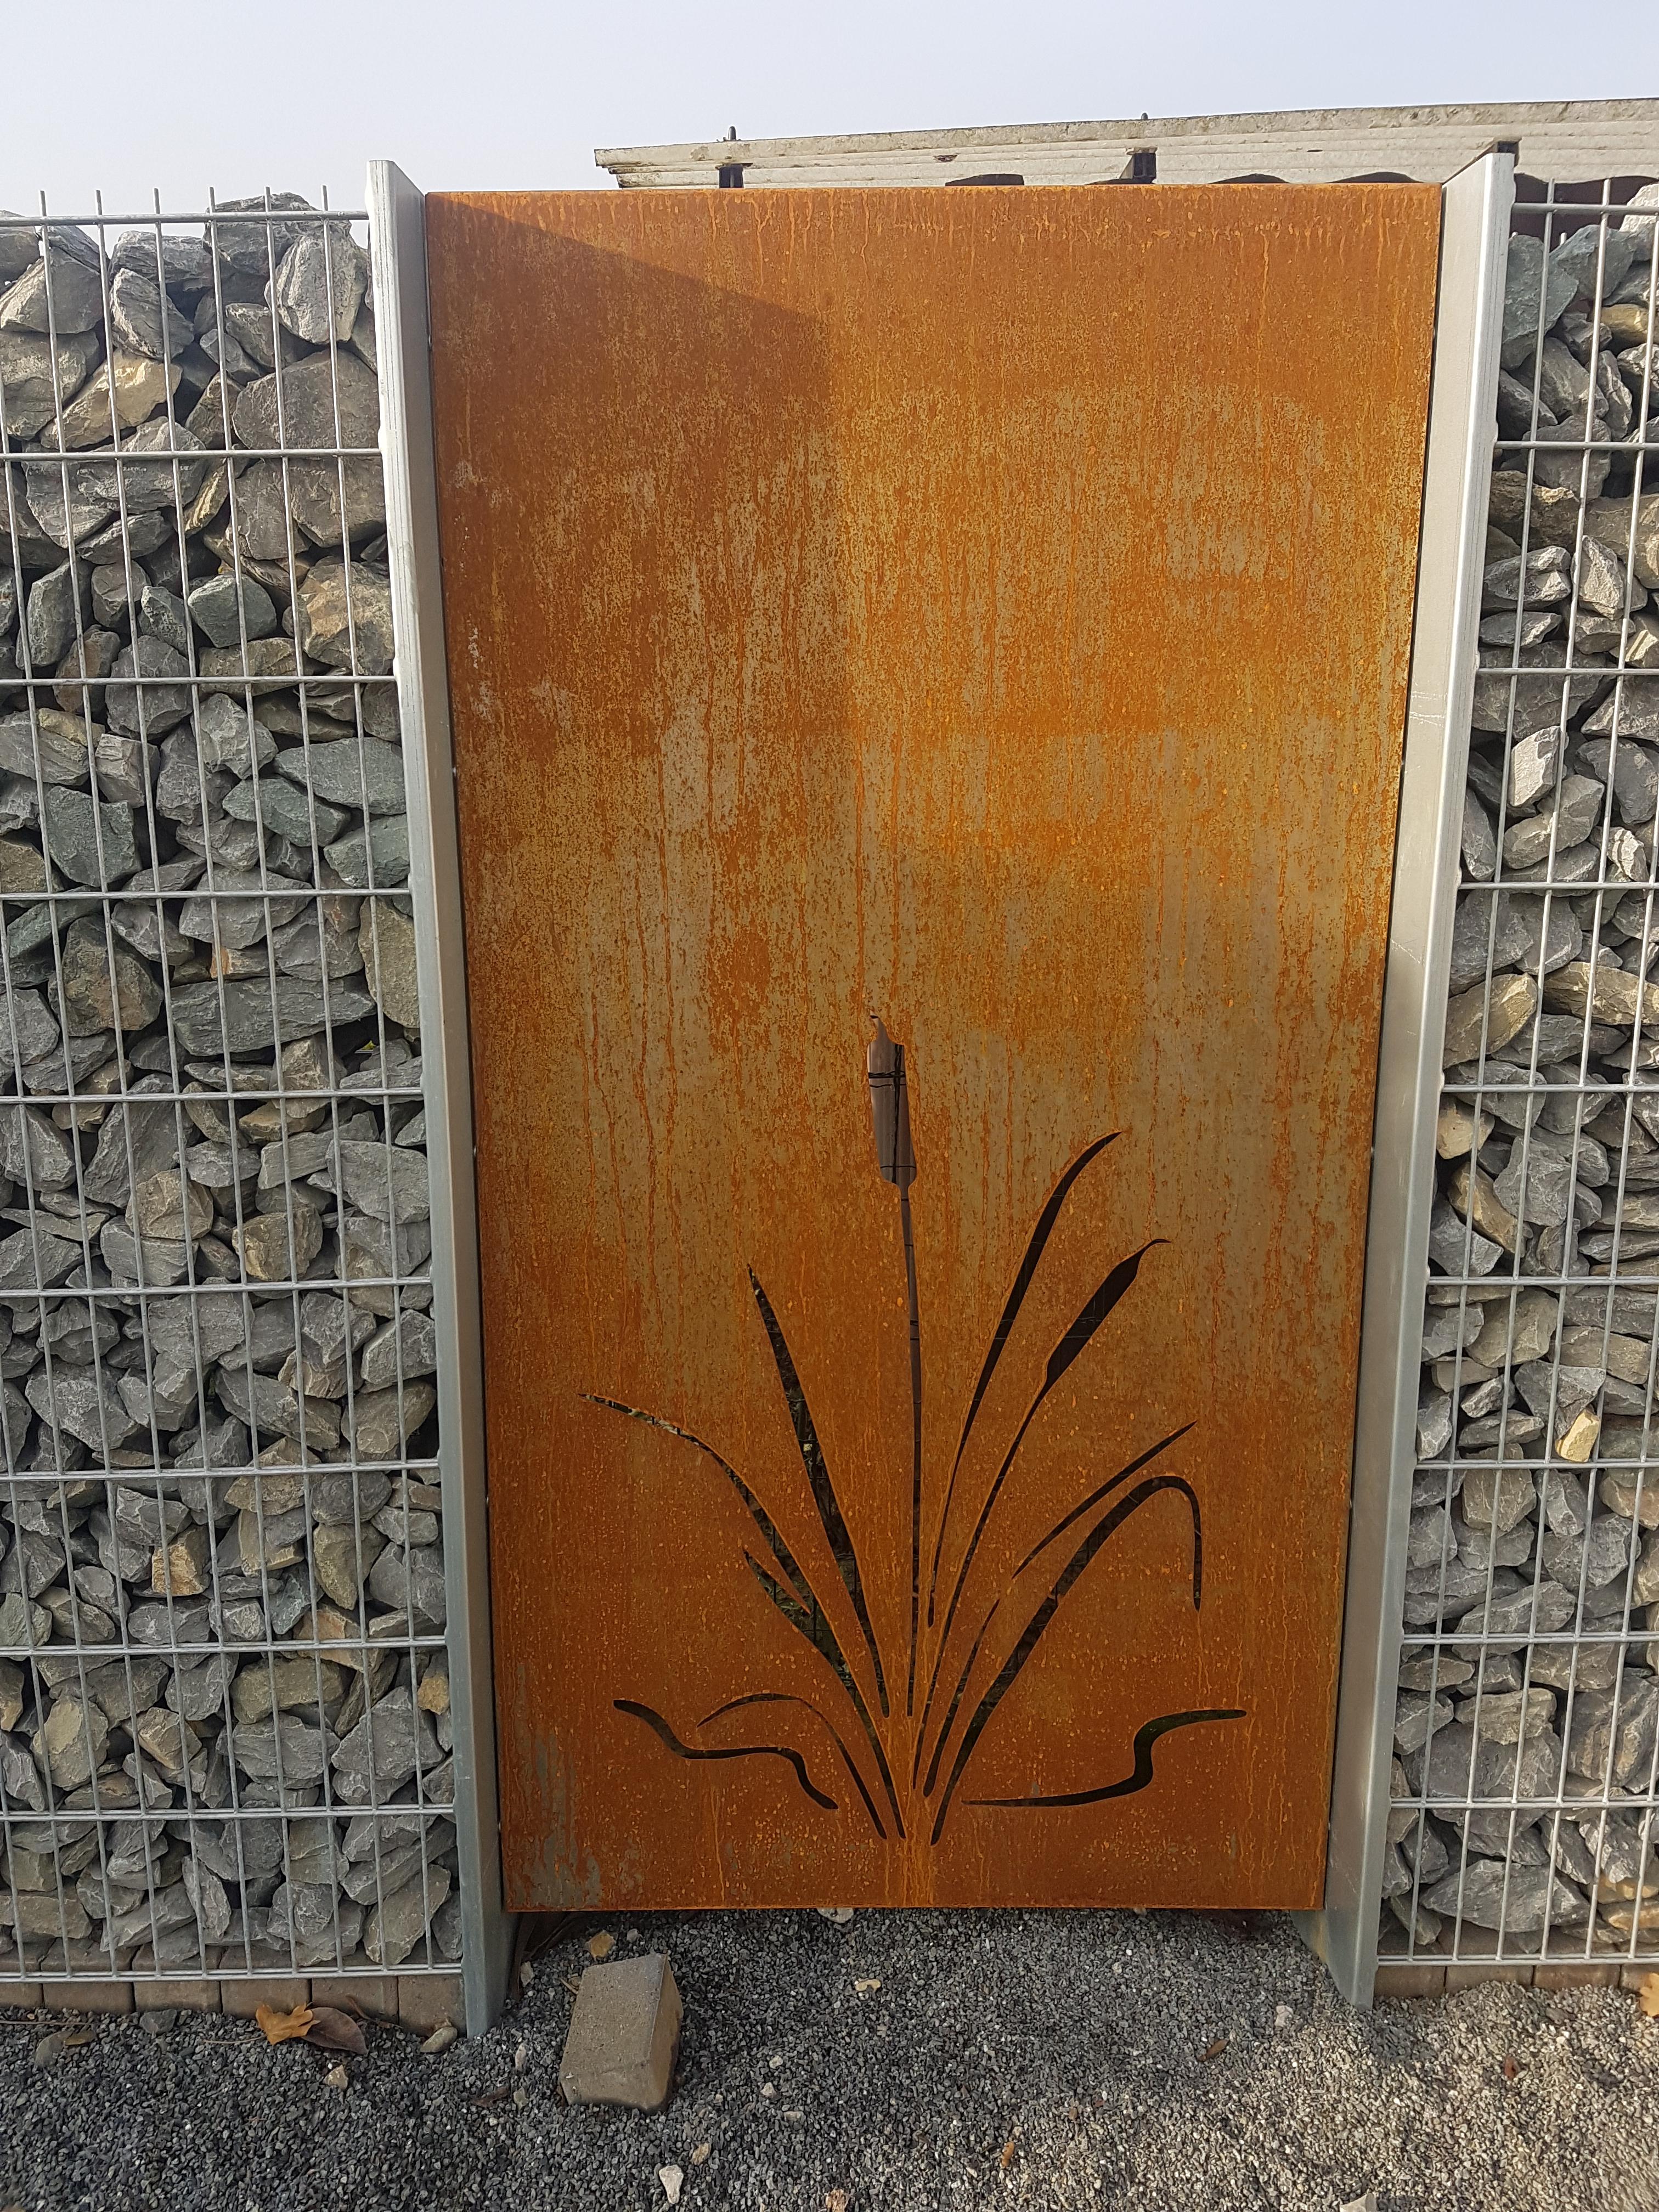 Hinken design sichtschutz sichtschutzwand schmuckblech gabione 183cm edelrost rost - Sichtschutzwand metall ...